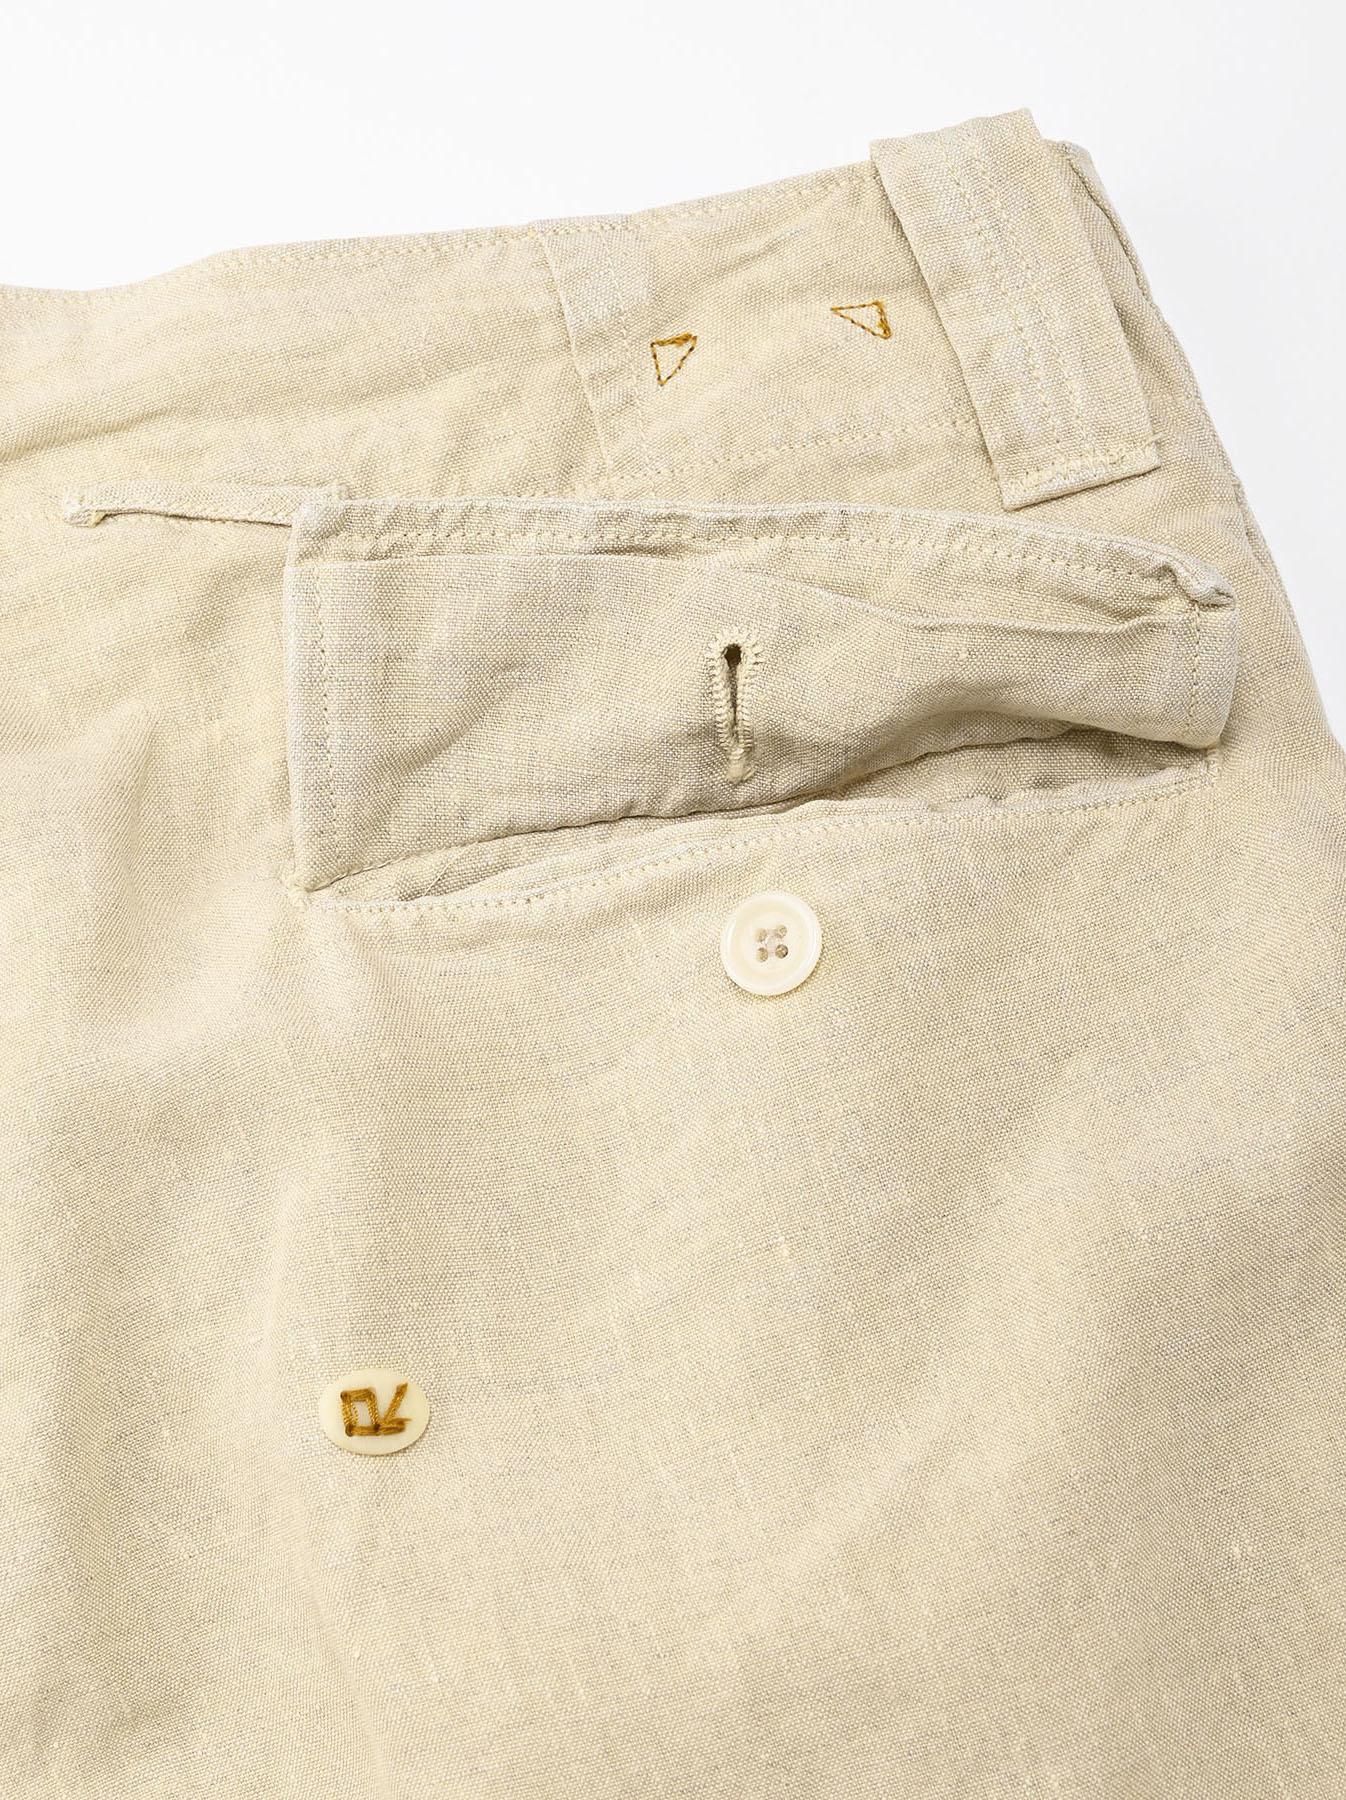 Linen 908 Easy Sail Pants (0721)-10